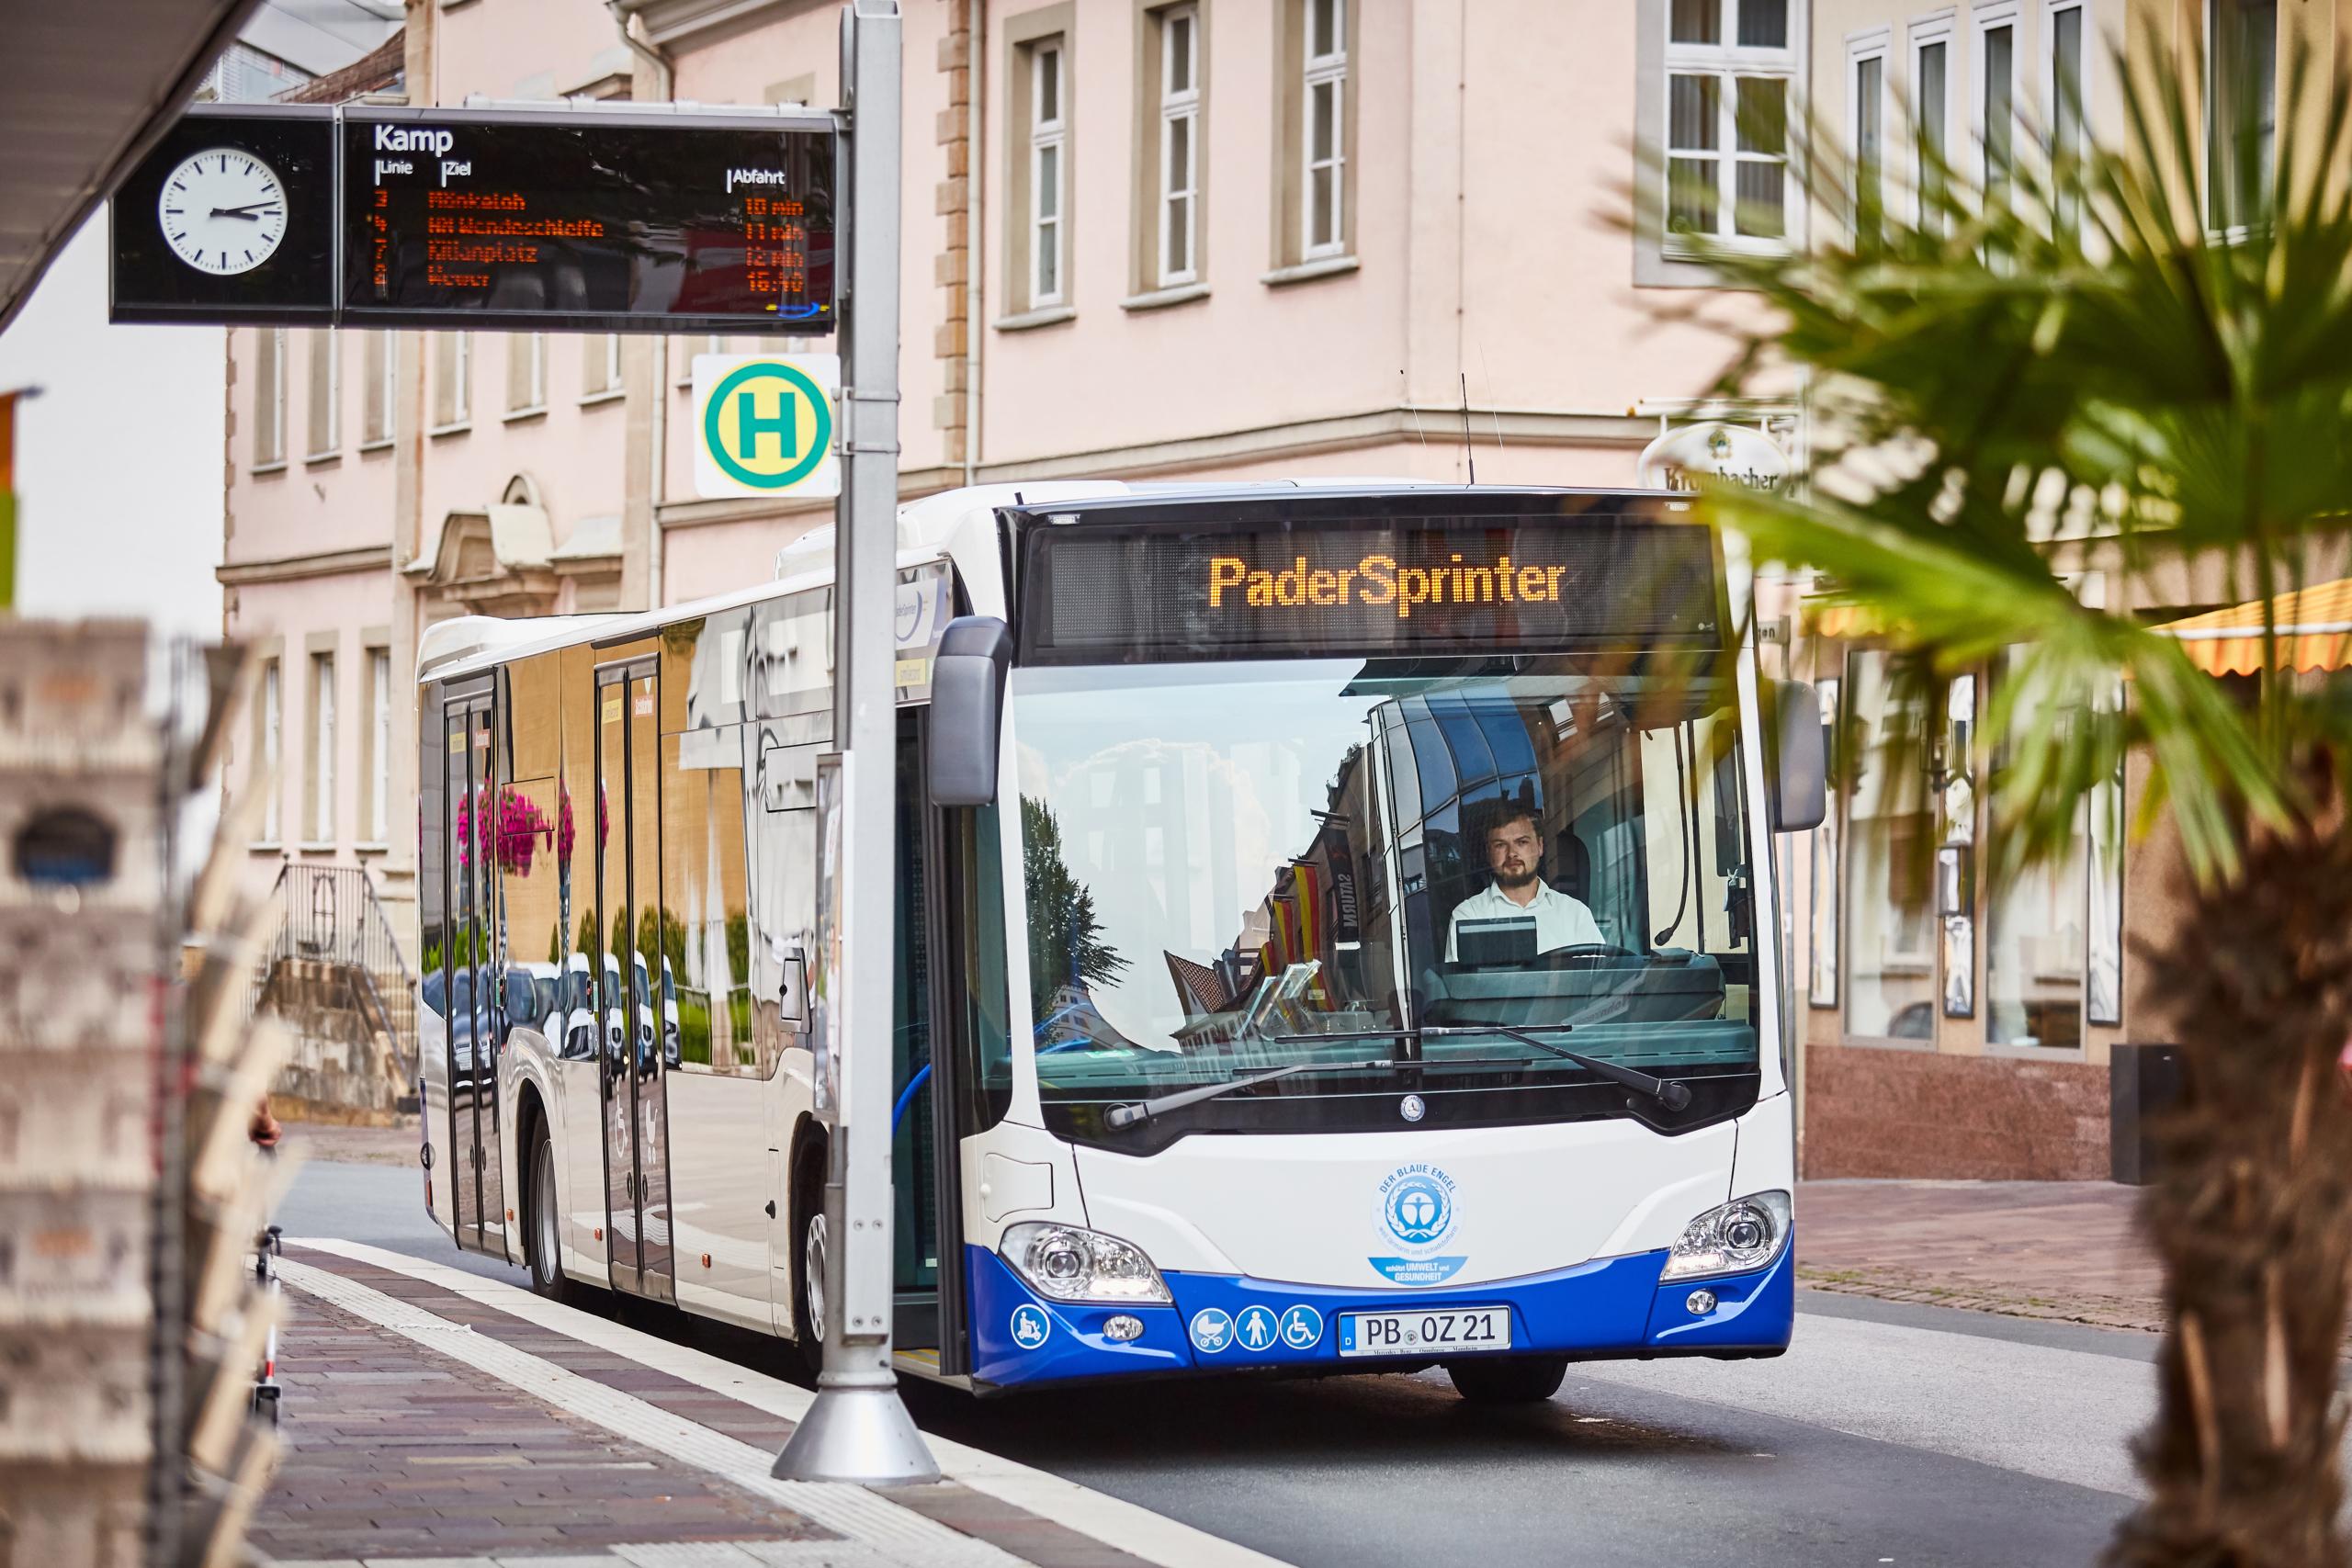 PaderSprinter Bus an der Haltestelle Kamp in Paderborn